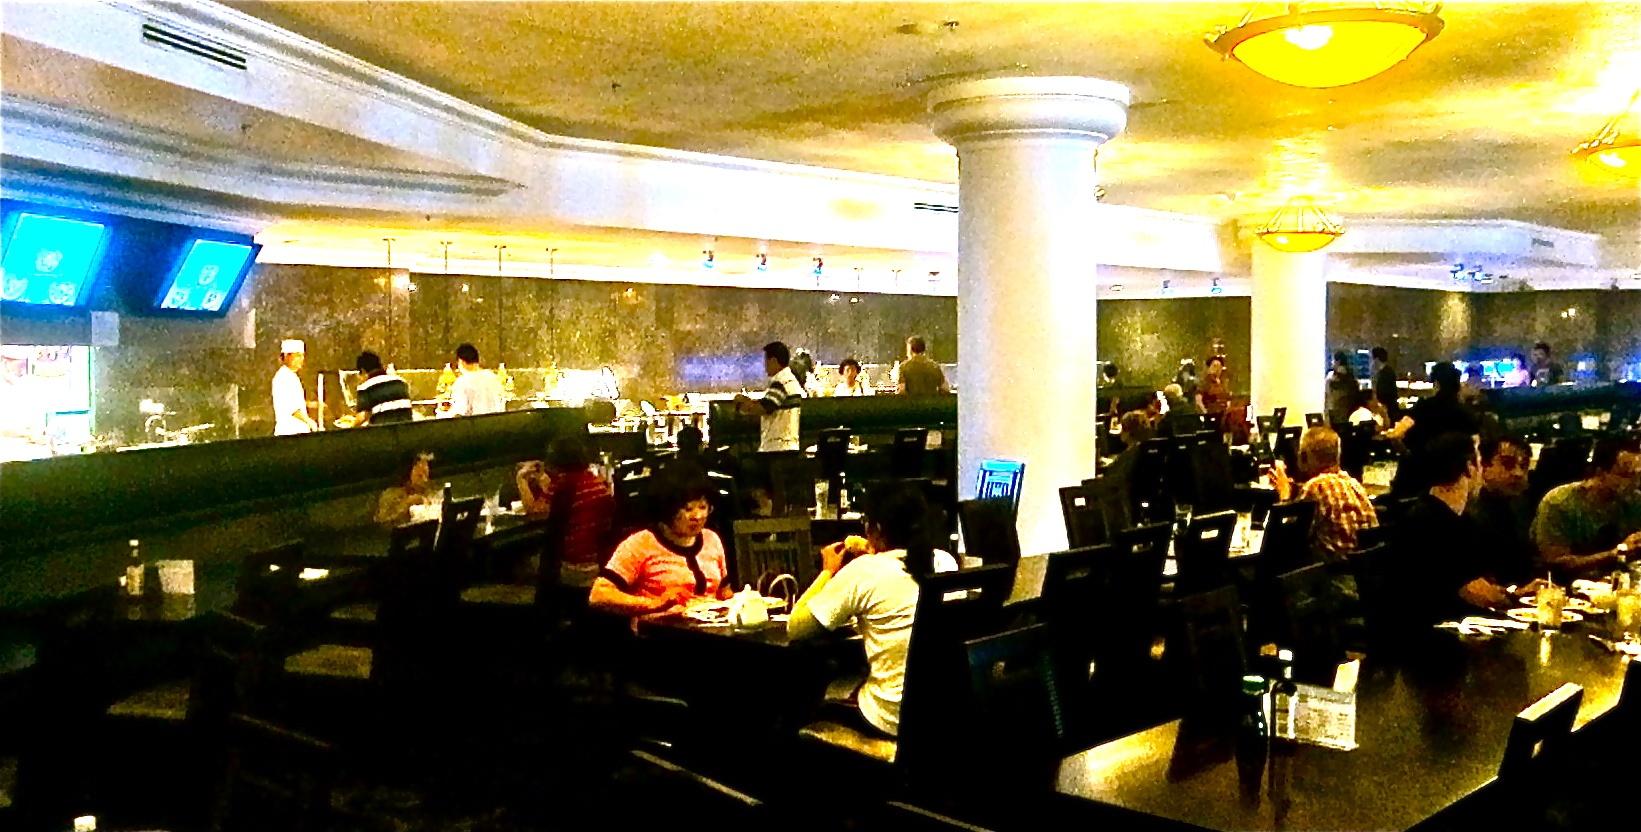 Hokkkaido dining room